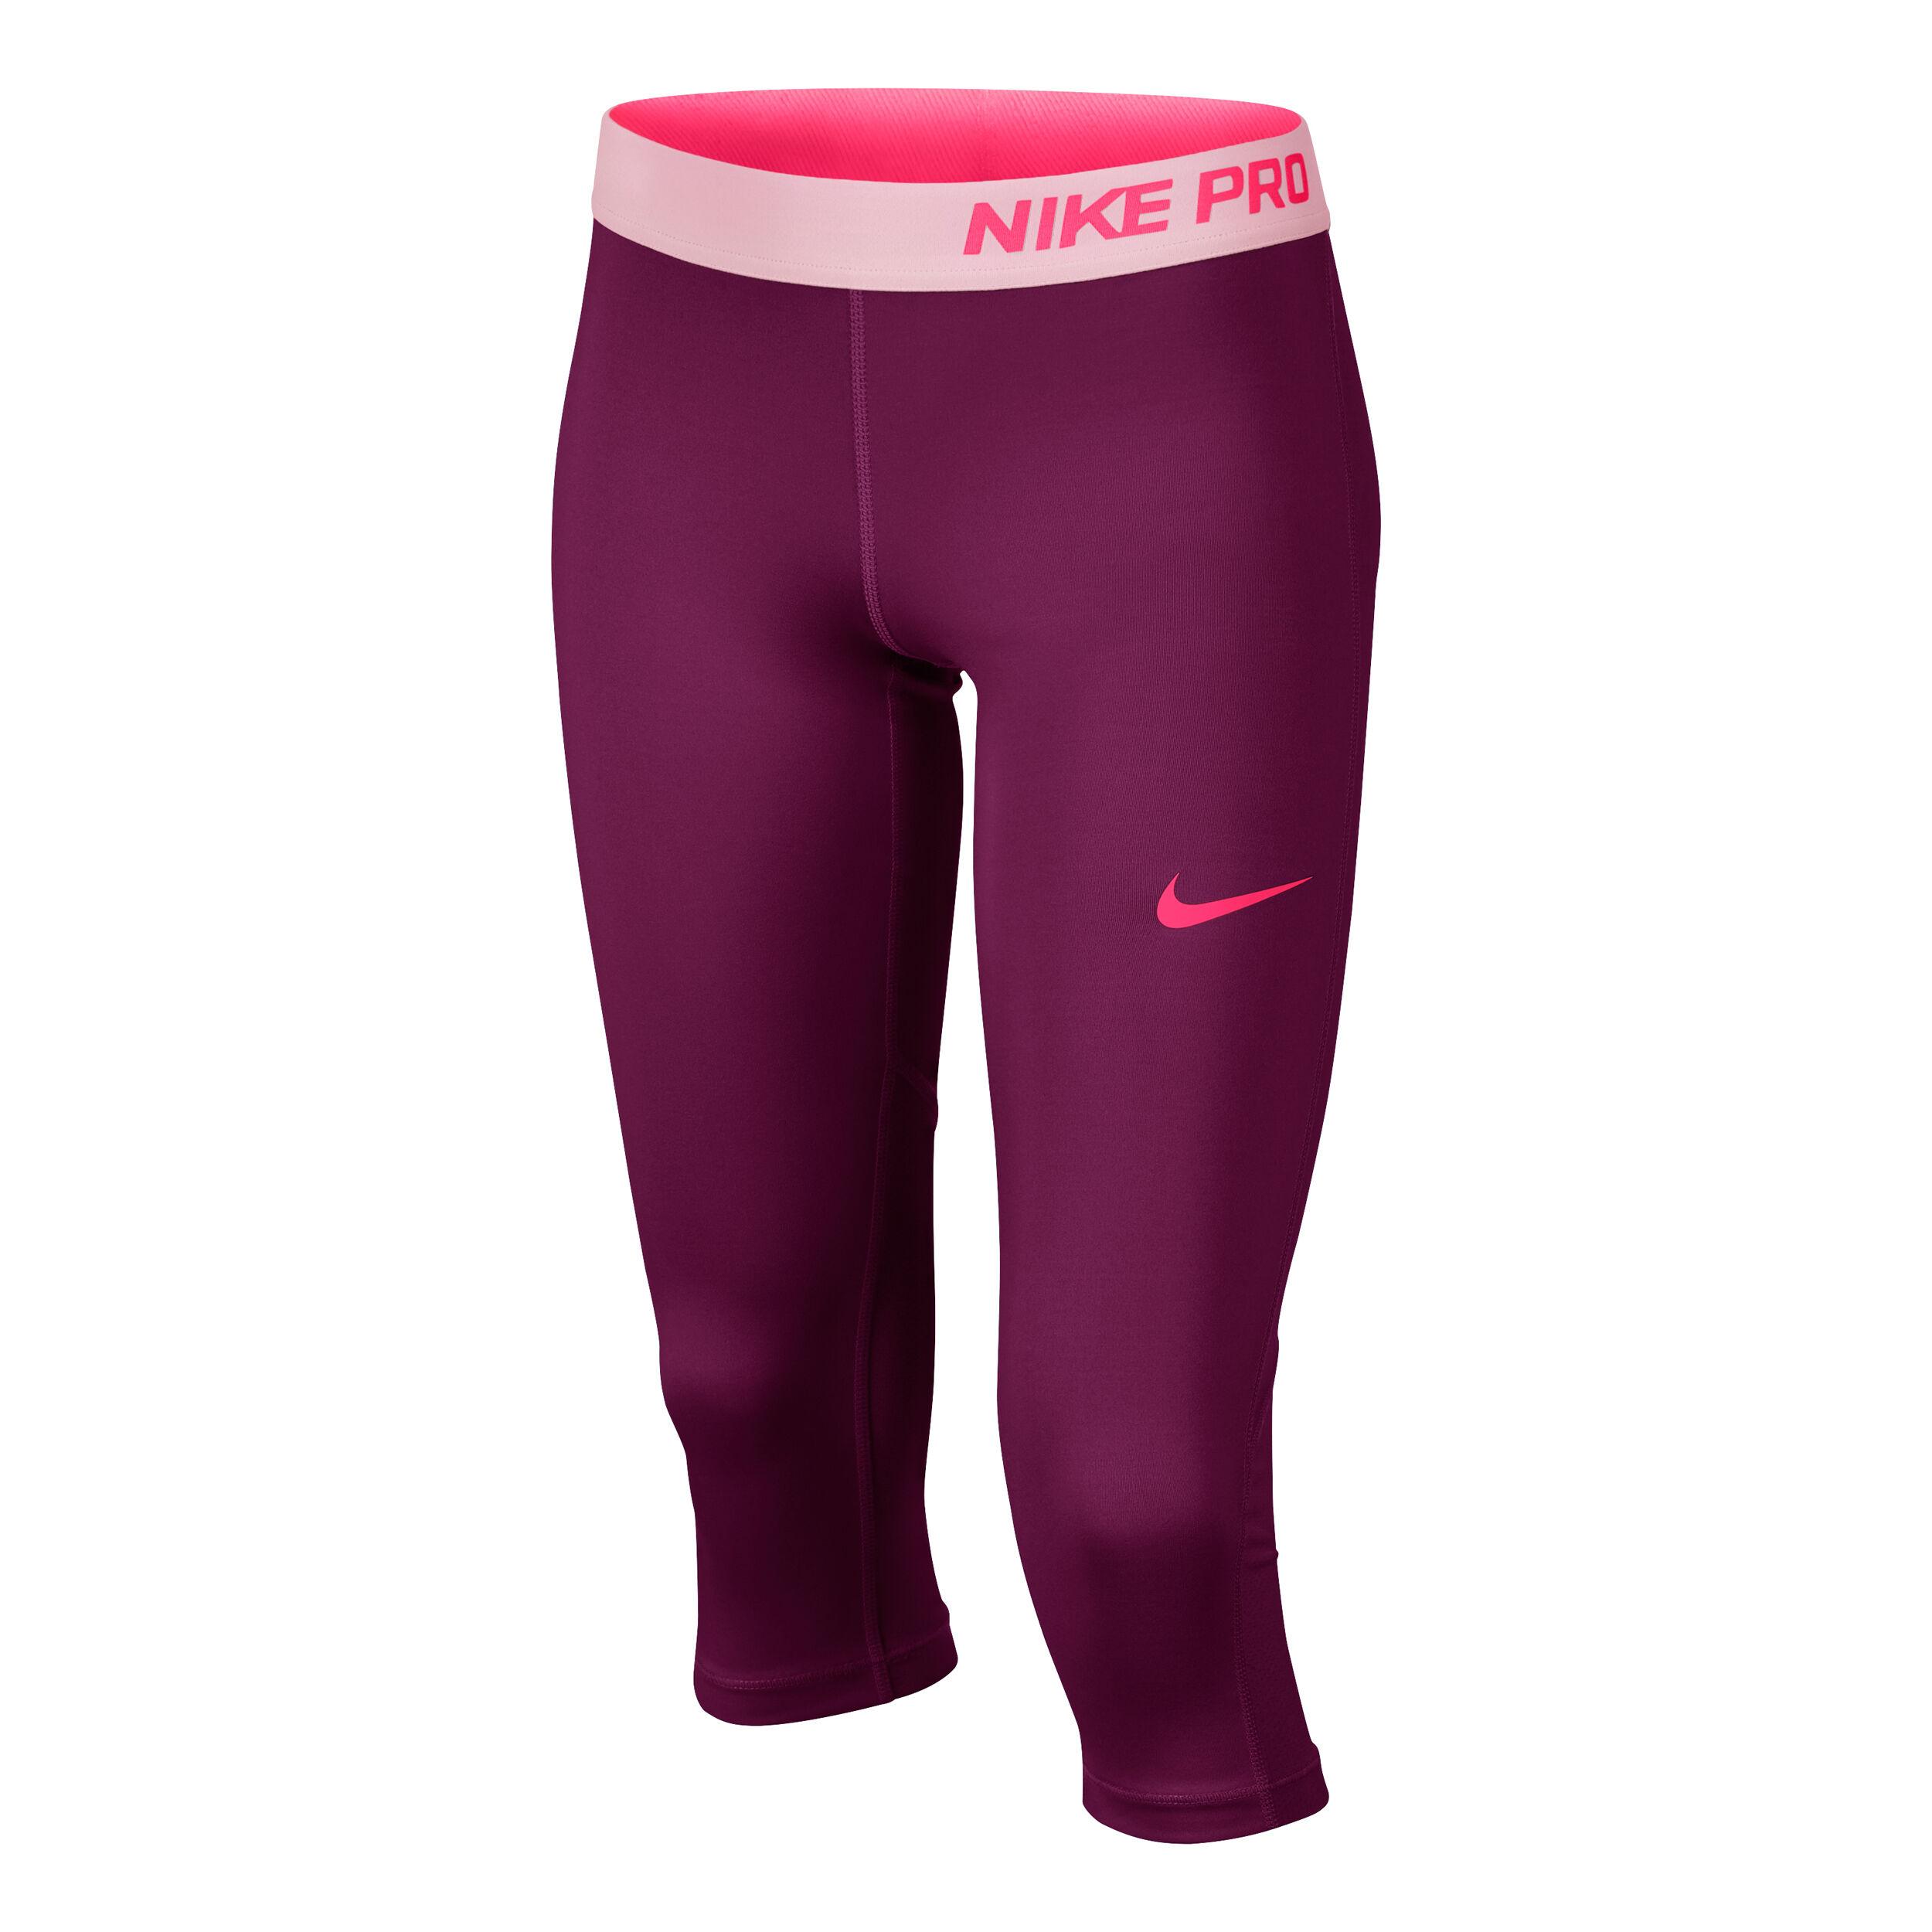 Nike Pro Capri Hose Mädchen Lila, Rosa